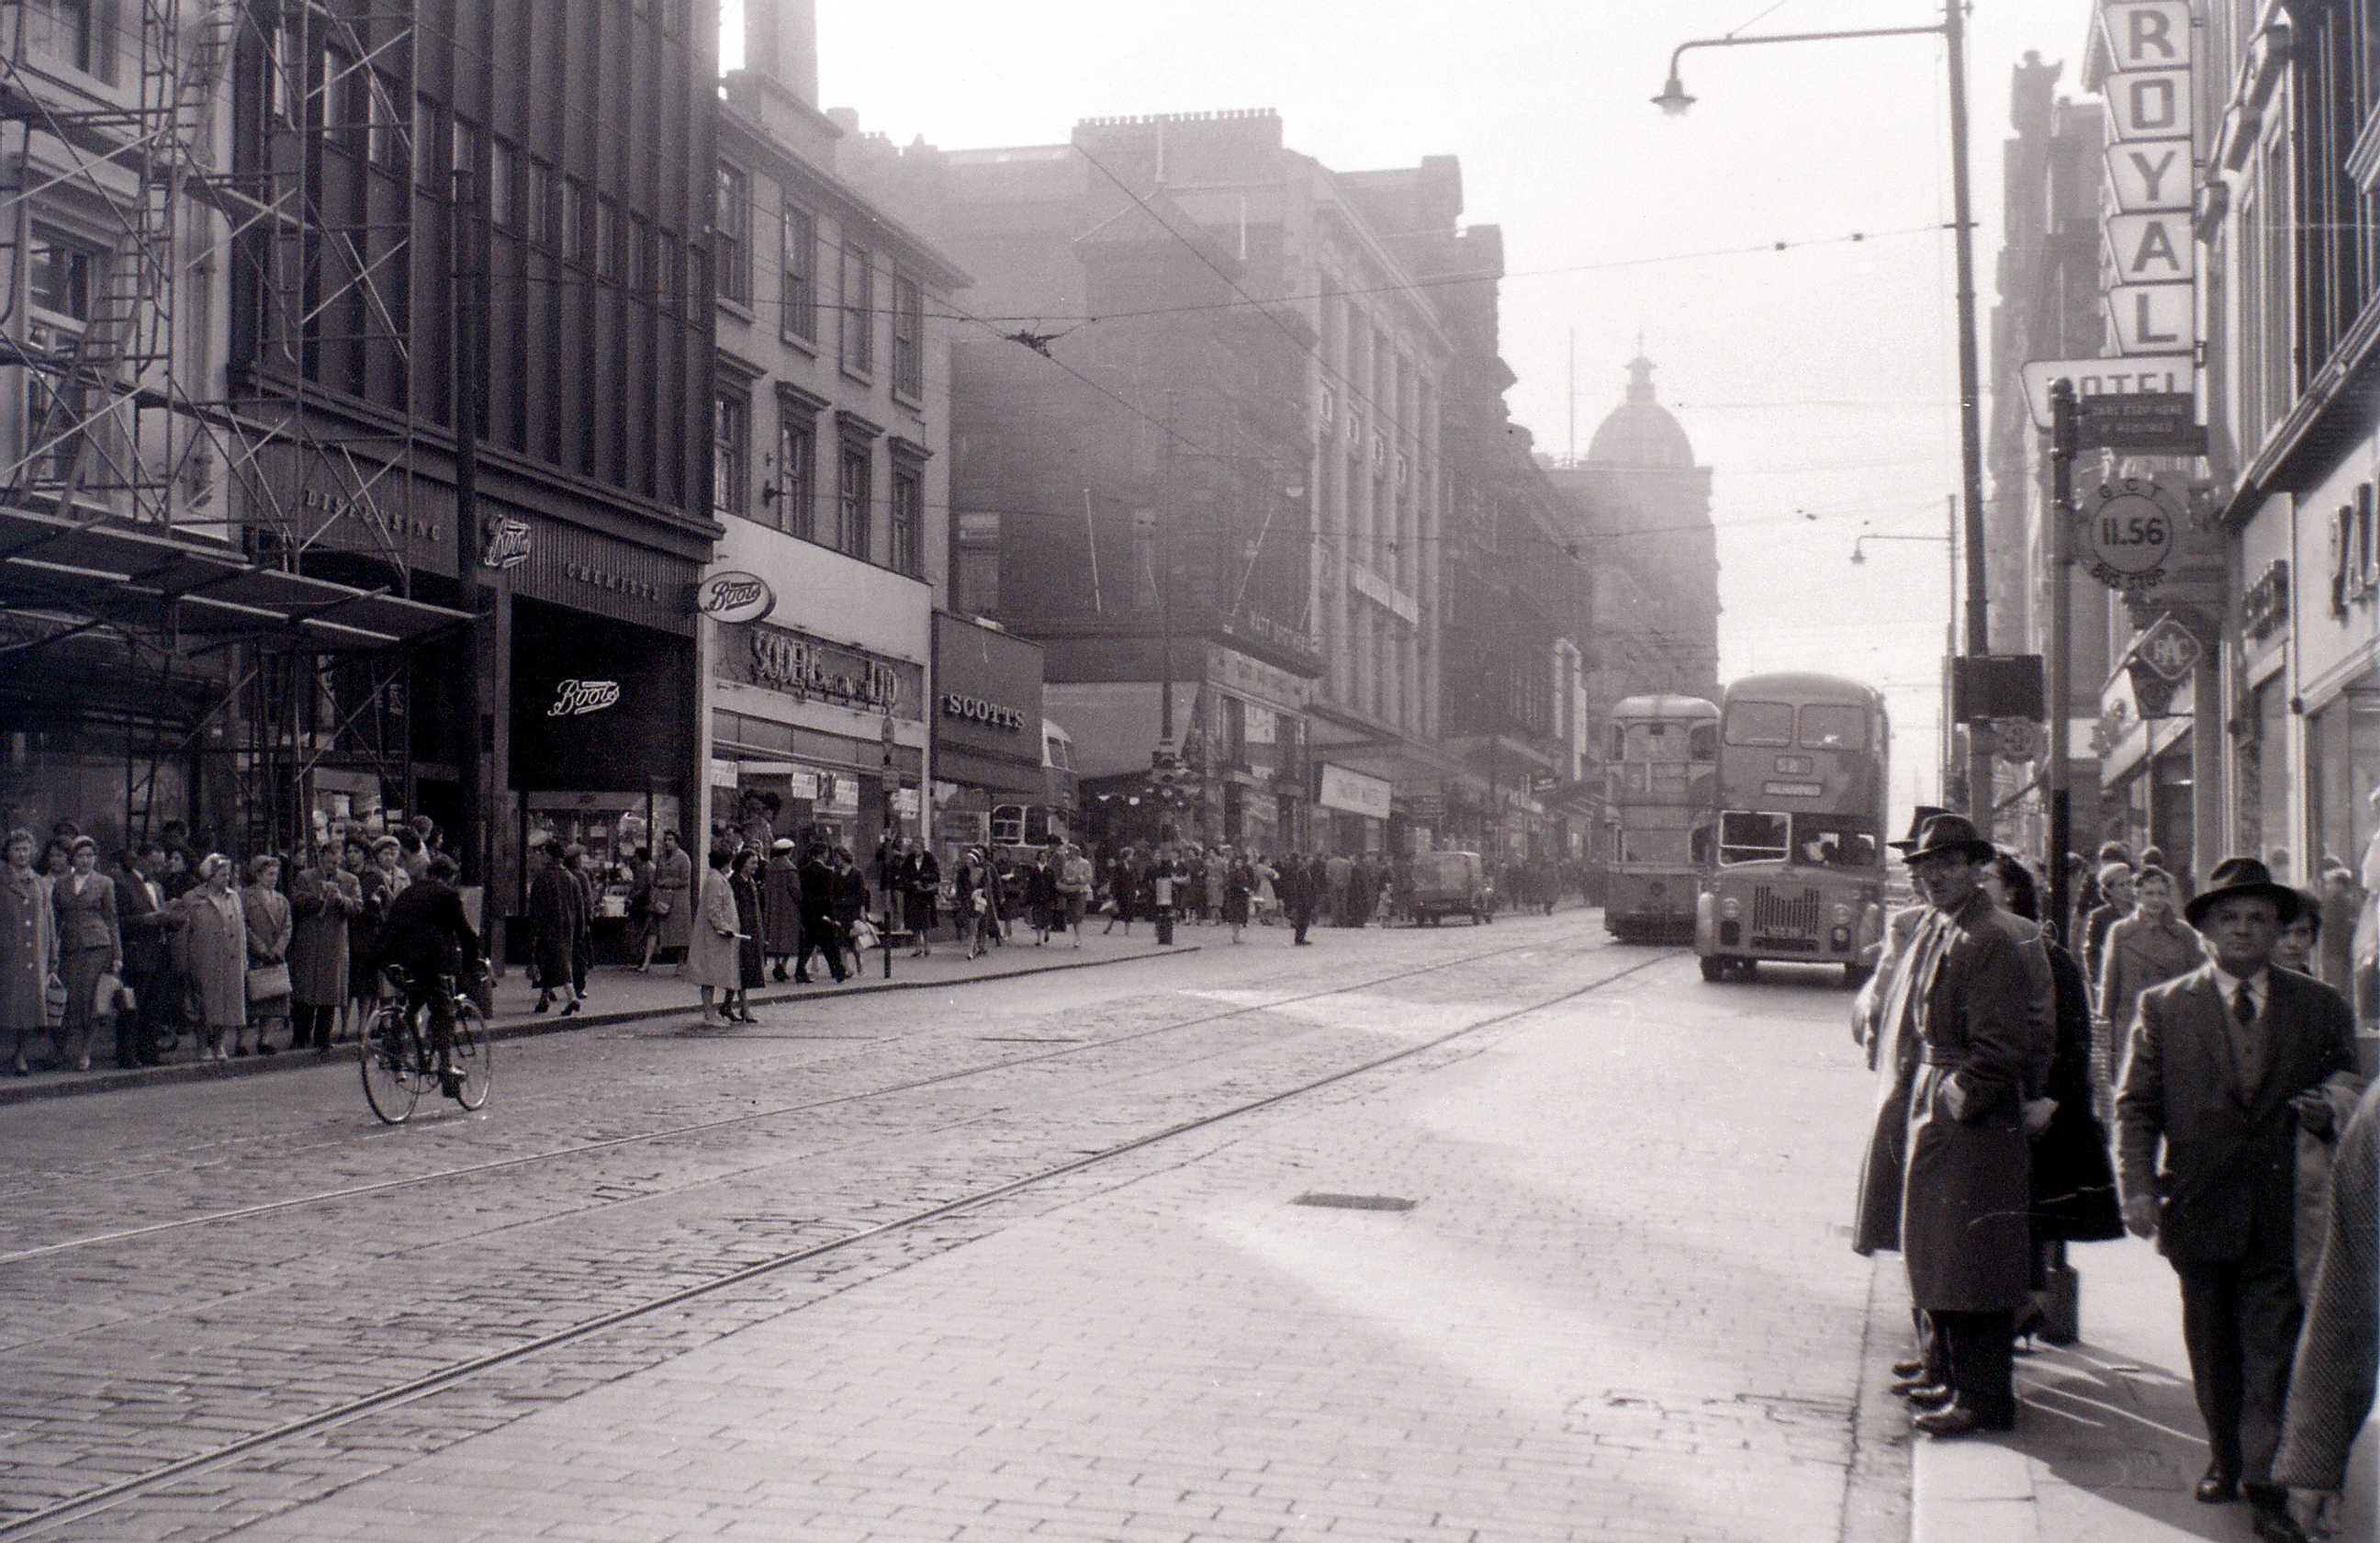 Глазго, 19 апреля 1960. Сошихолл-стрит.jpg